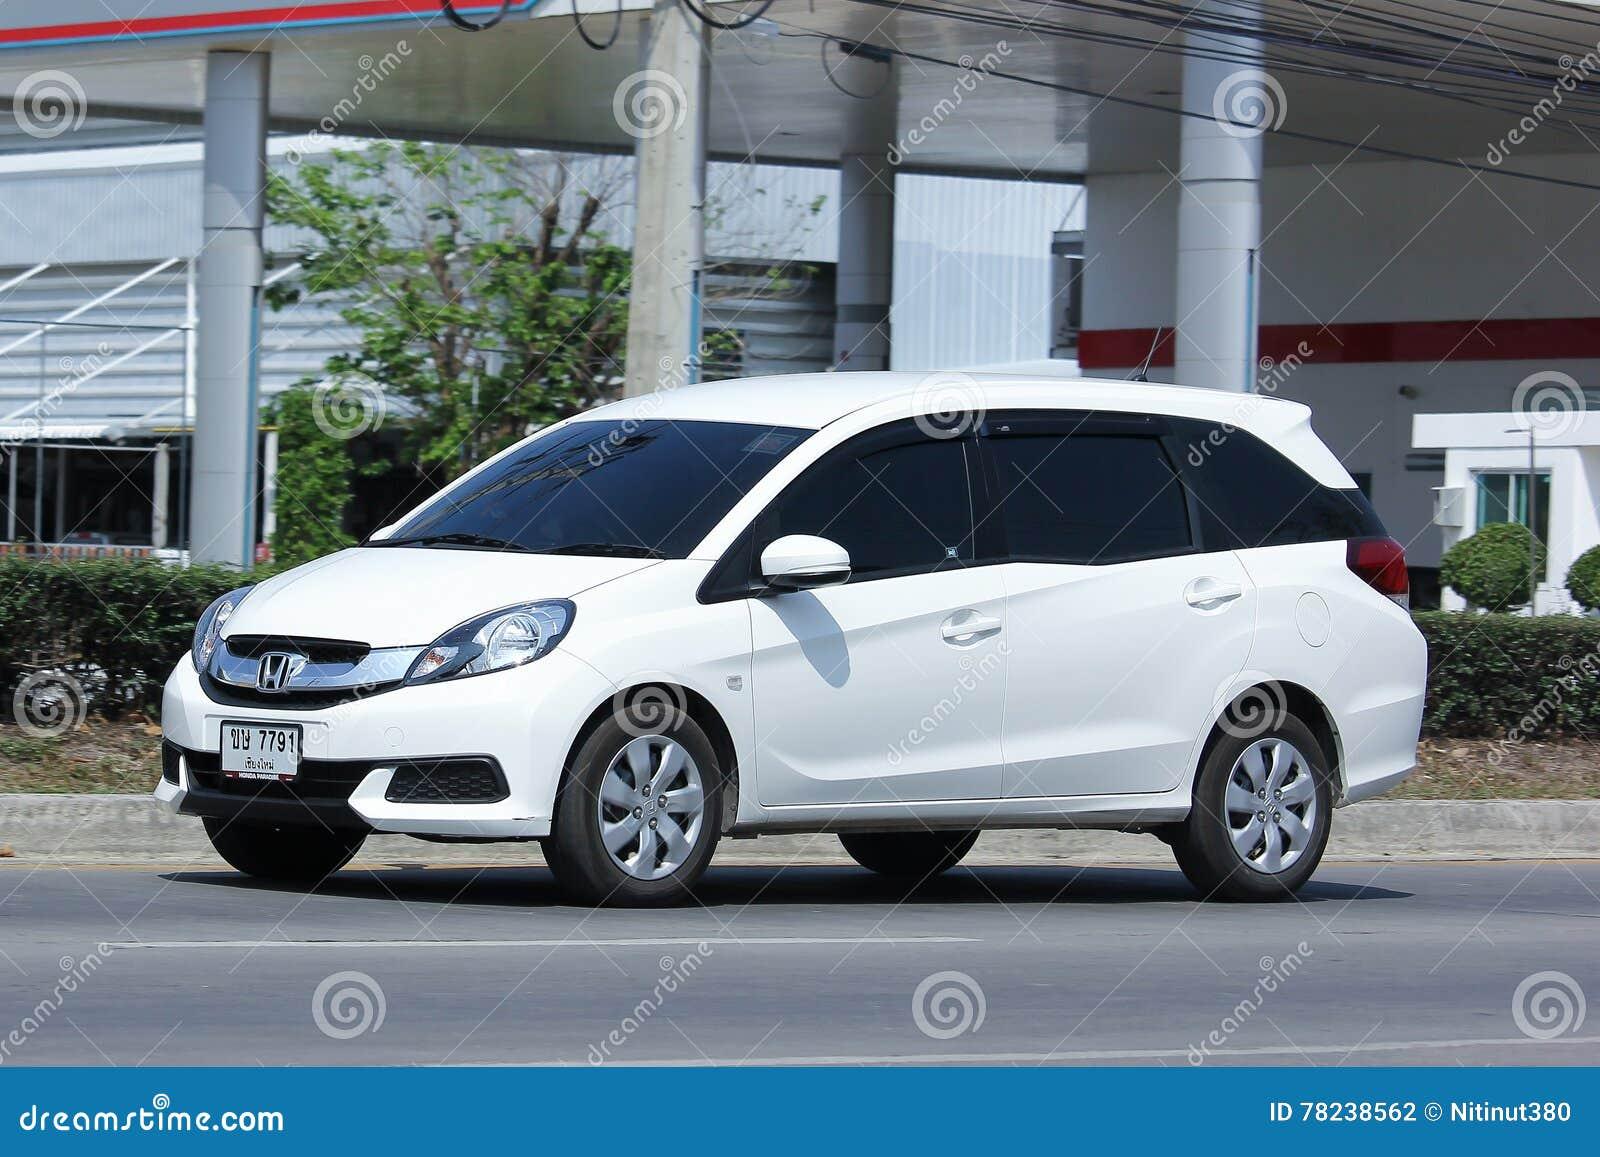 Fourgon Prive De Honda Mobilio Photographie Editorial